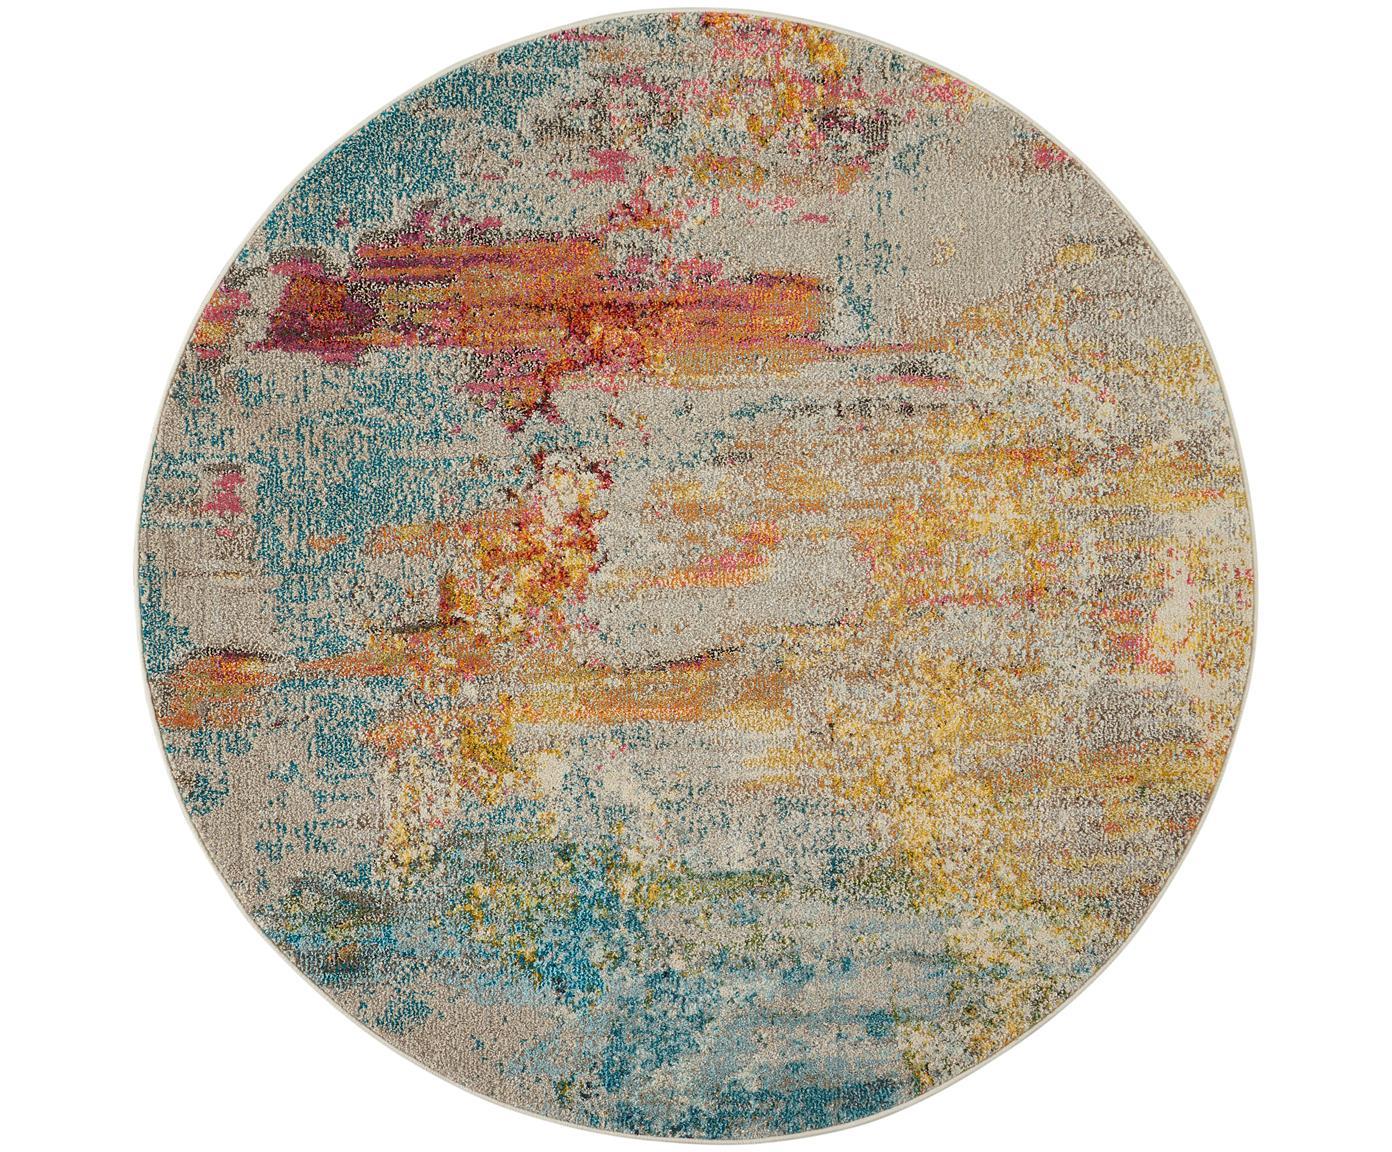 Rond design vloerkleed Celestial in kleur, Bovenzijde: polypropyleen, Onderzijde: jute, Multicolour, Ø 160 cm (maat L)